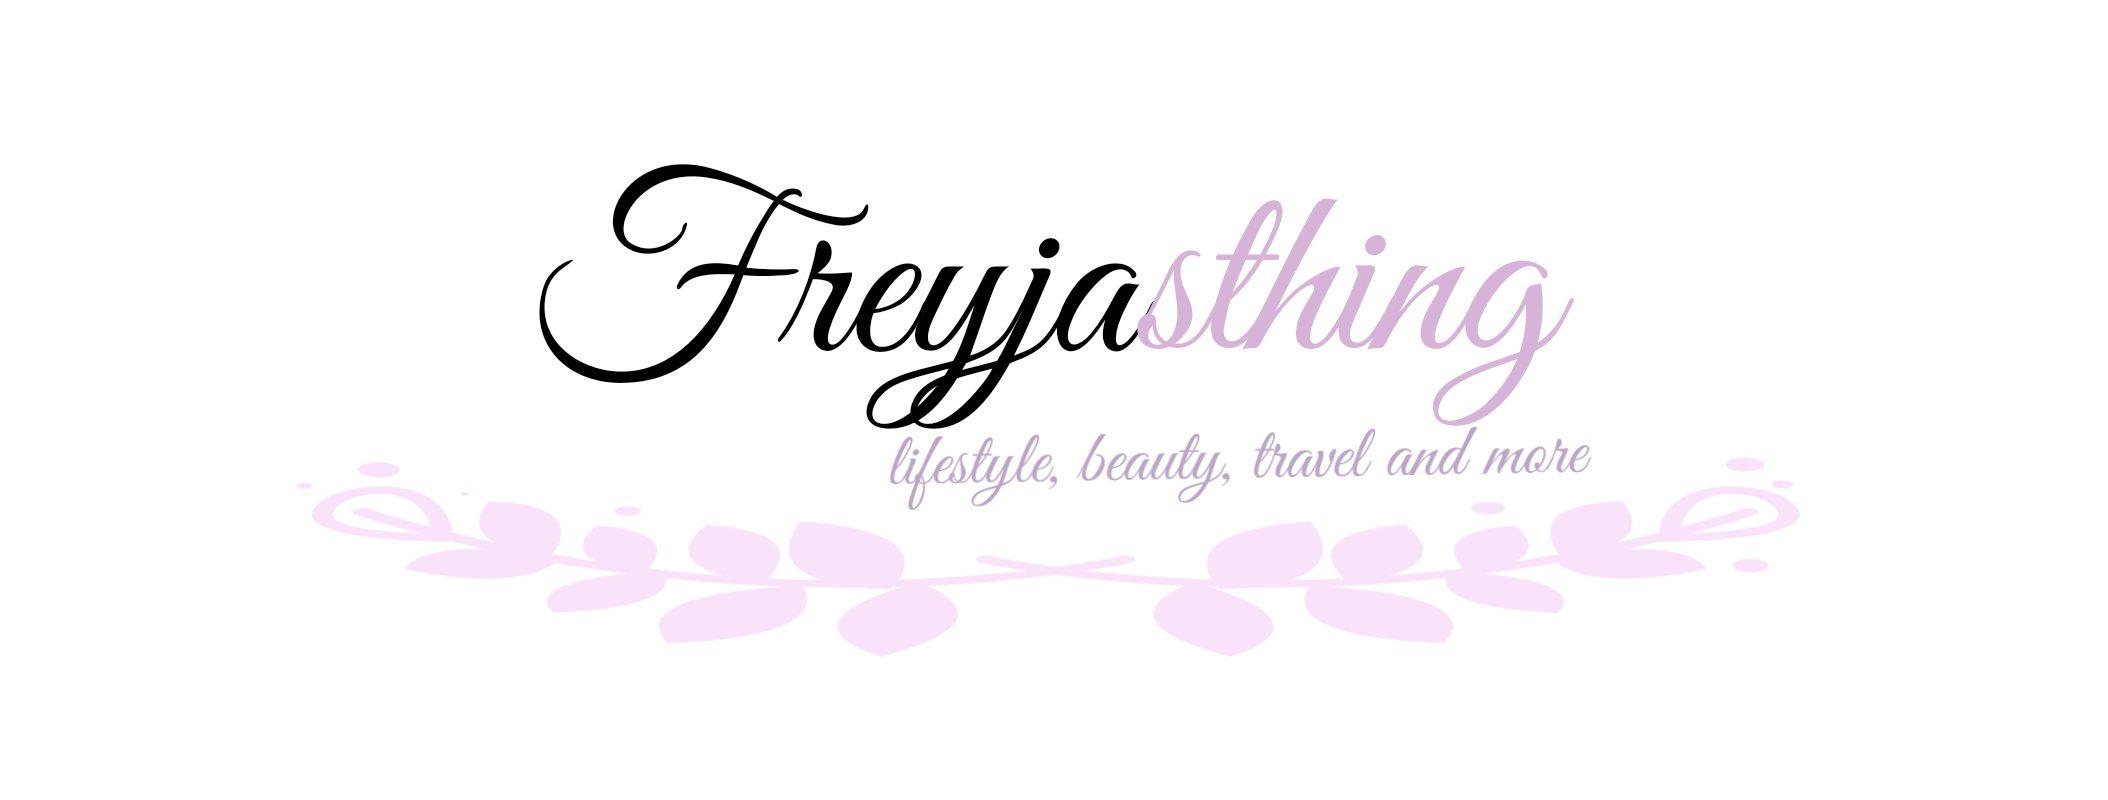 freyjasthing